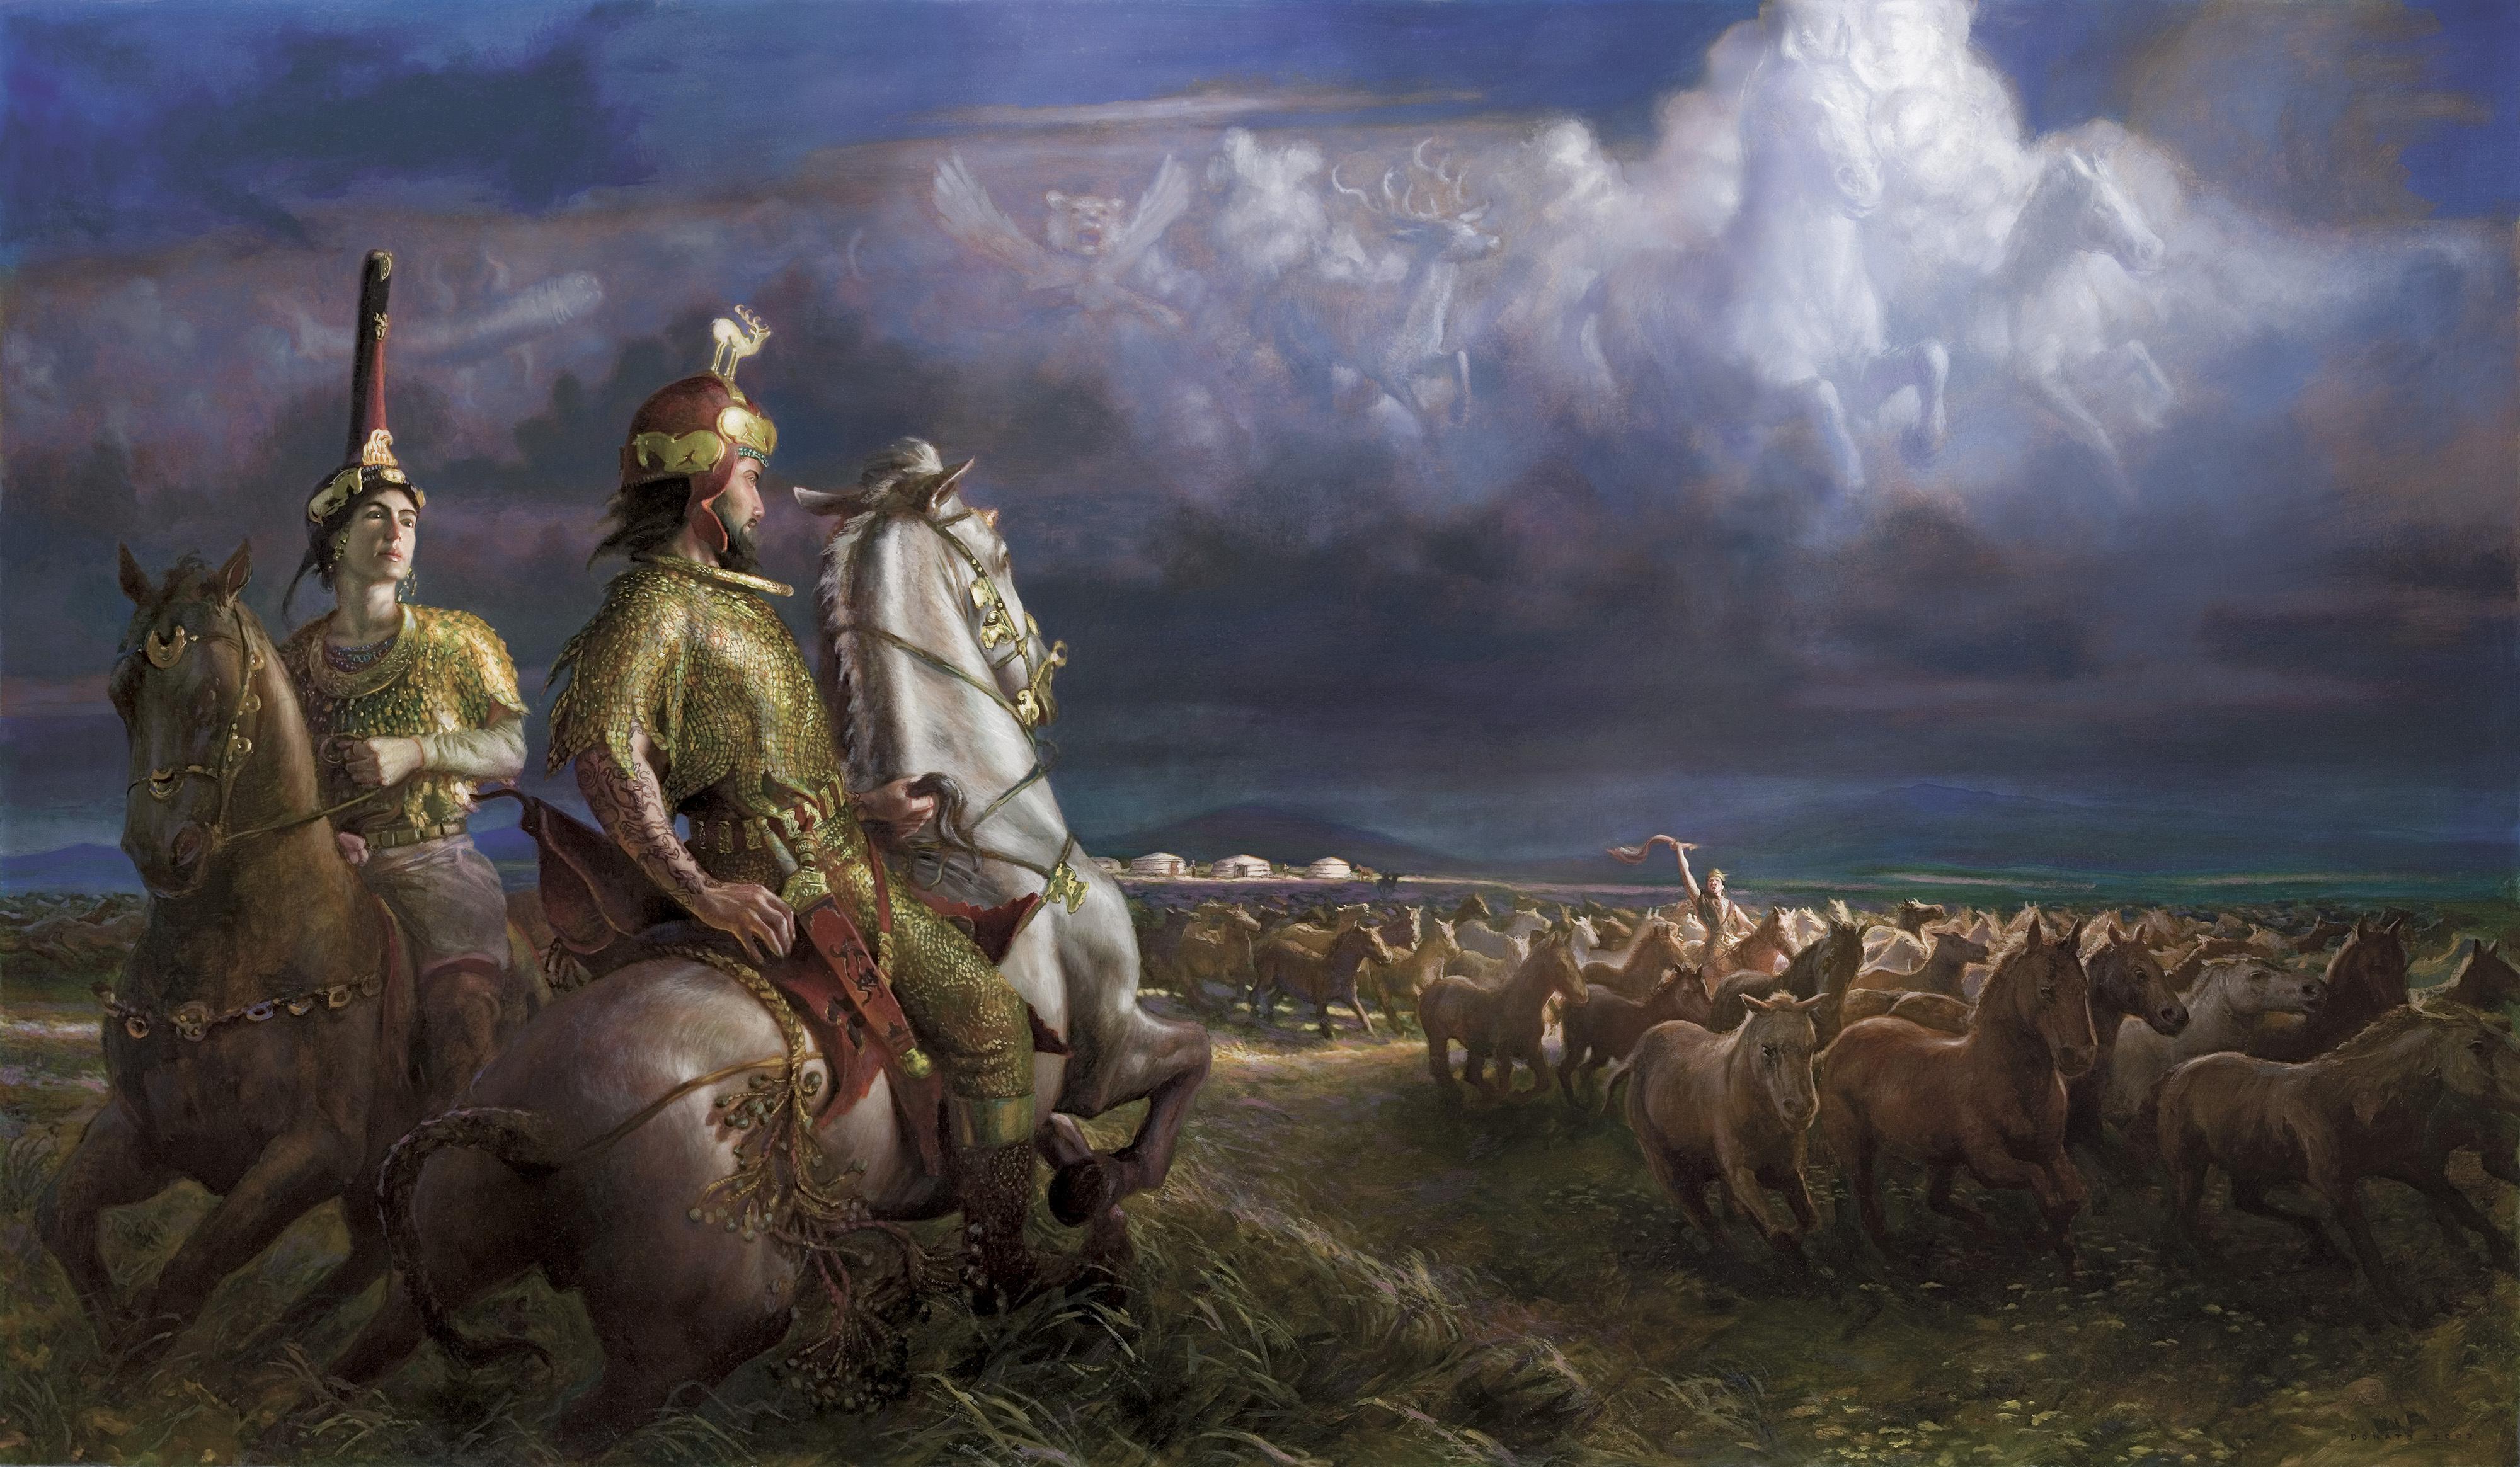 https://0201.nccdn.net/1_2/000/000/188/ac8/Scythians-donato-4000-4000x2329.jpg